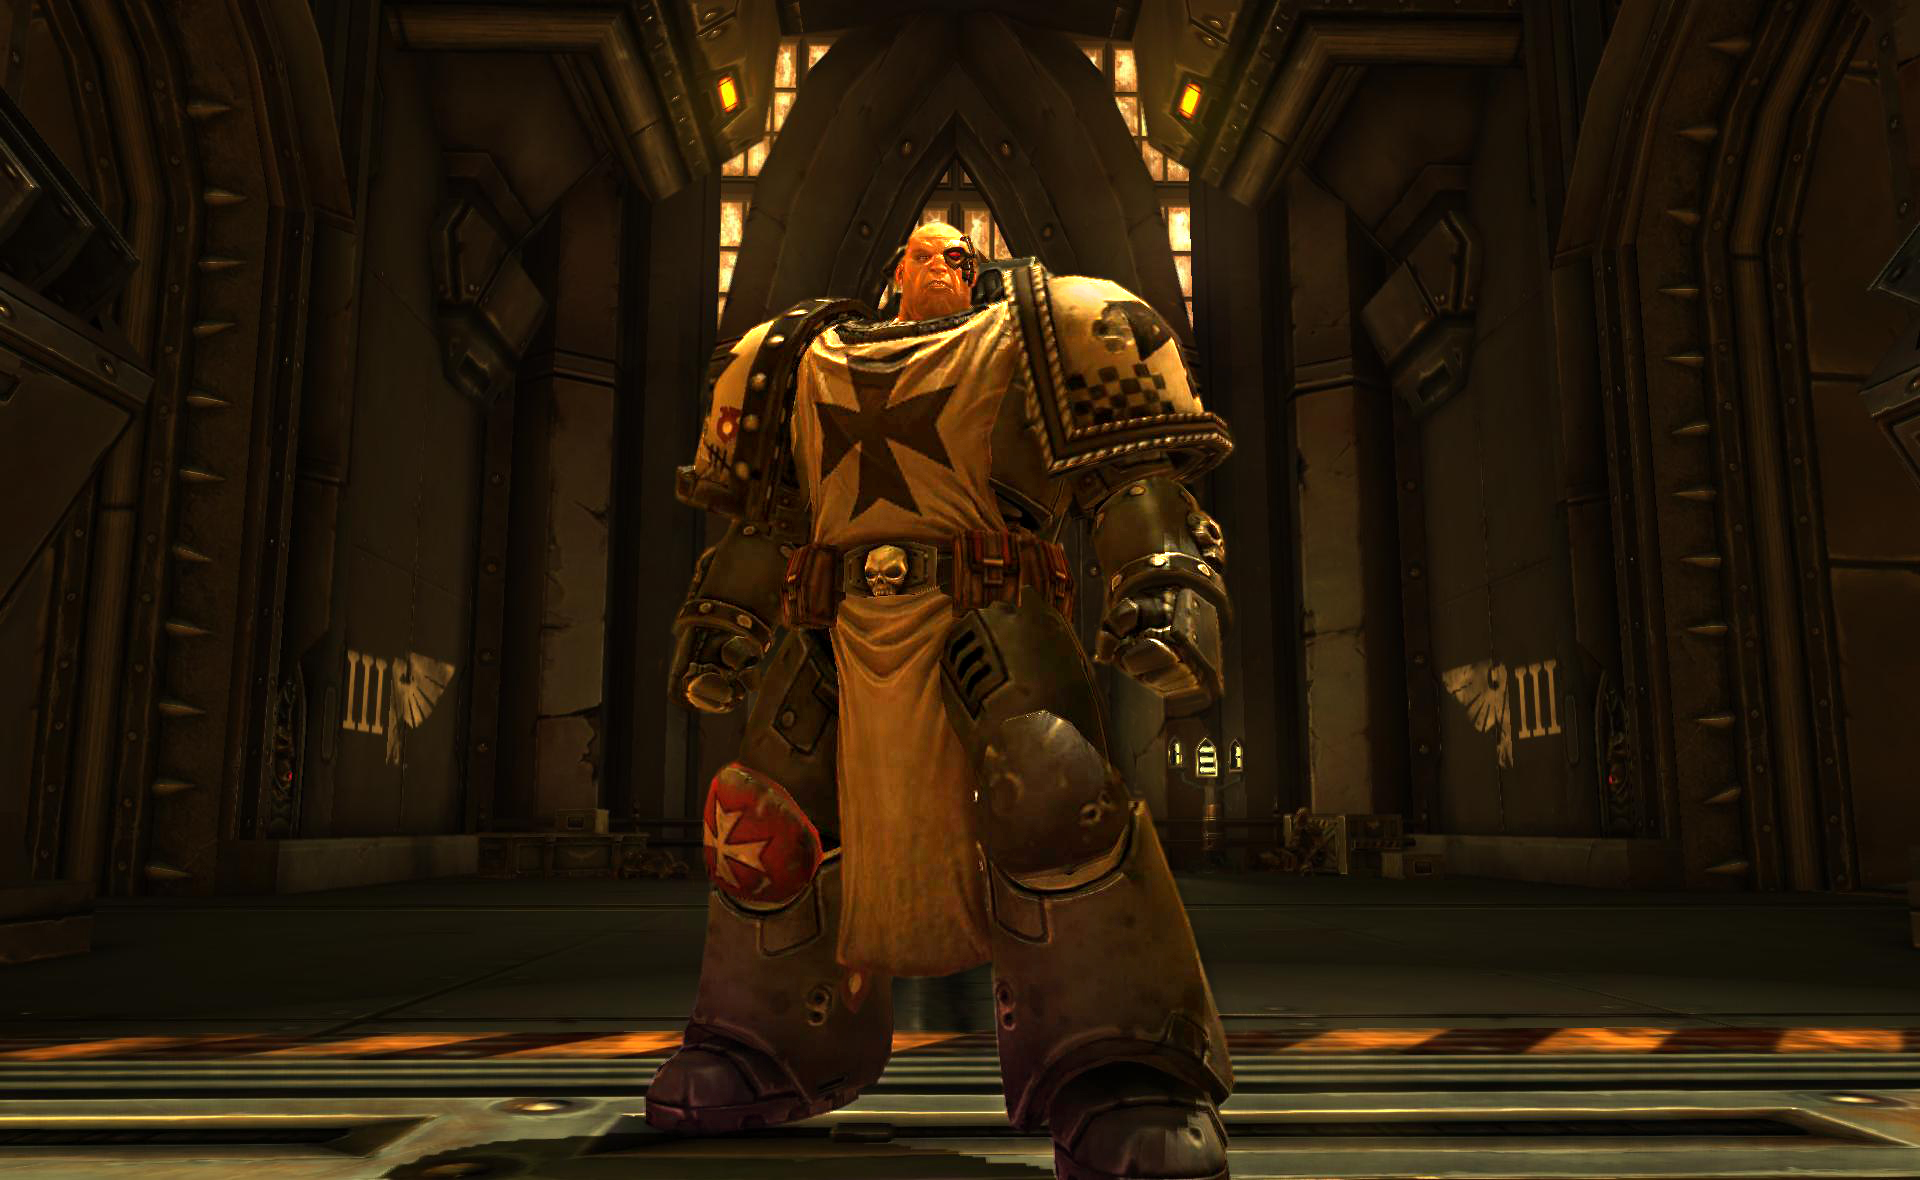 Warhammer Dark Millenium